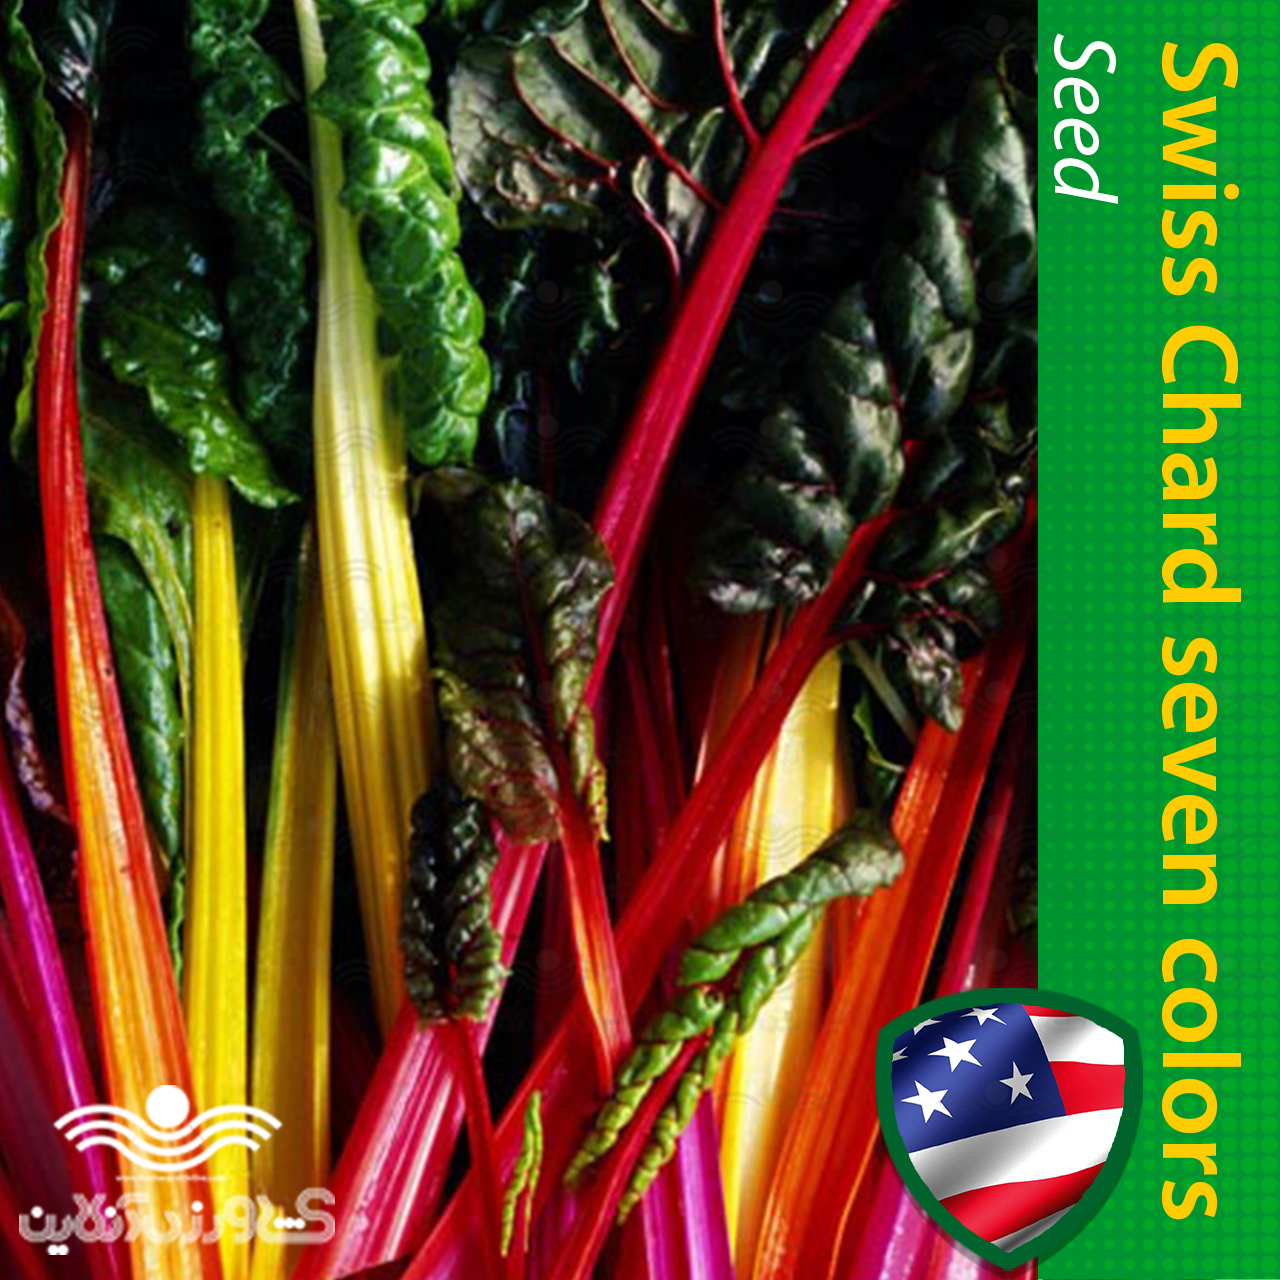 بذر سوییس چارد هفت رنگ و روش کاشت سوییس چارد هفت رنگ